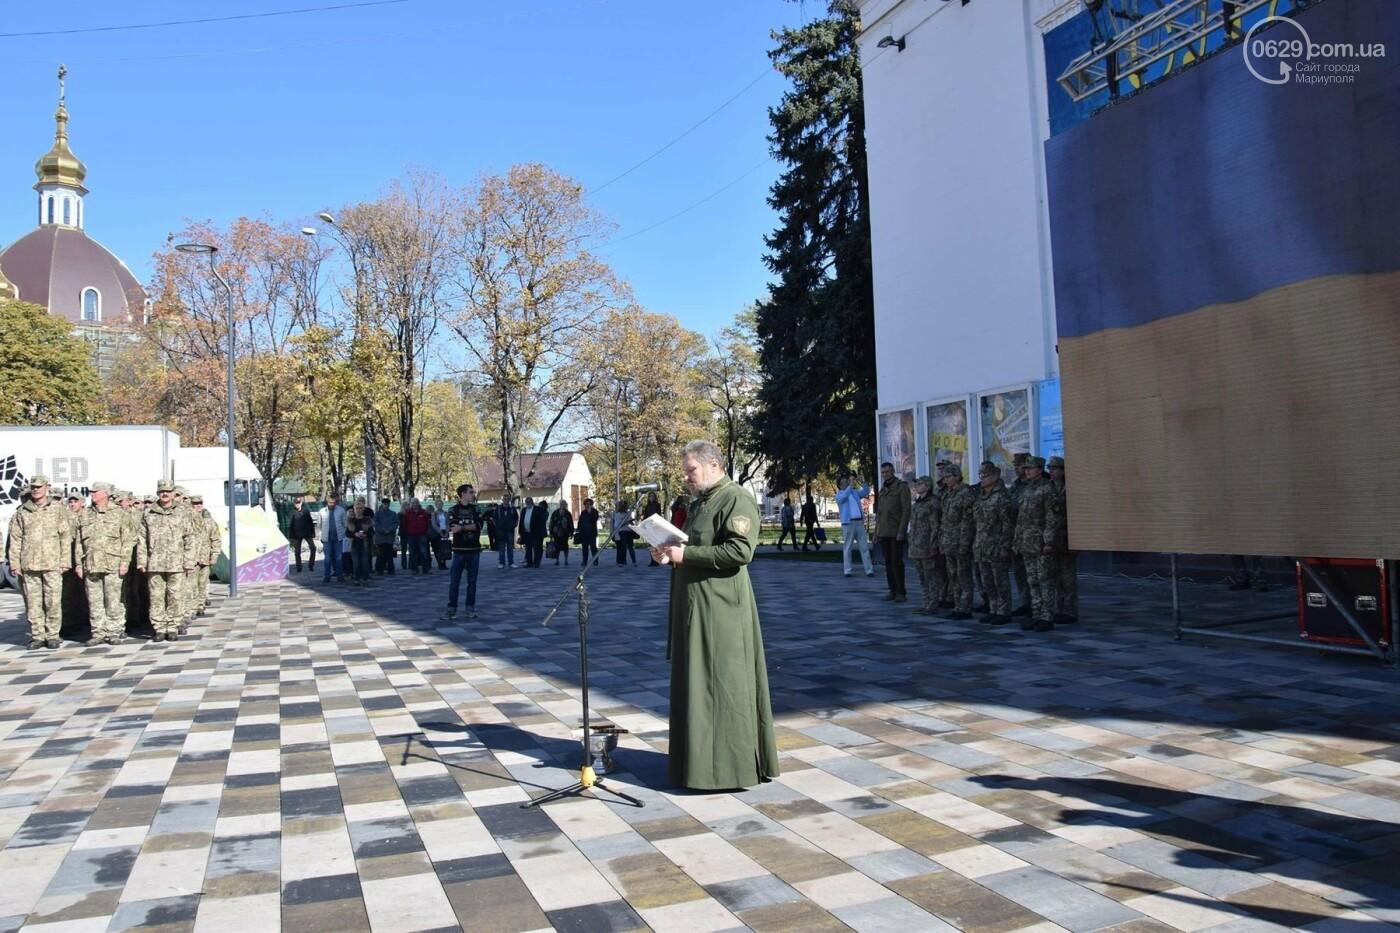 В Мариуполе православные христиане отмечали Покров, - ФОТО, ВИДЕО, фото-4